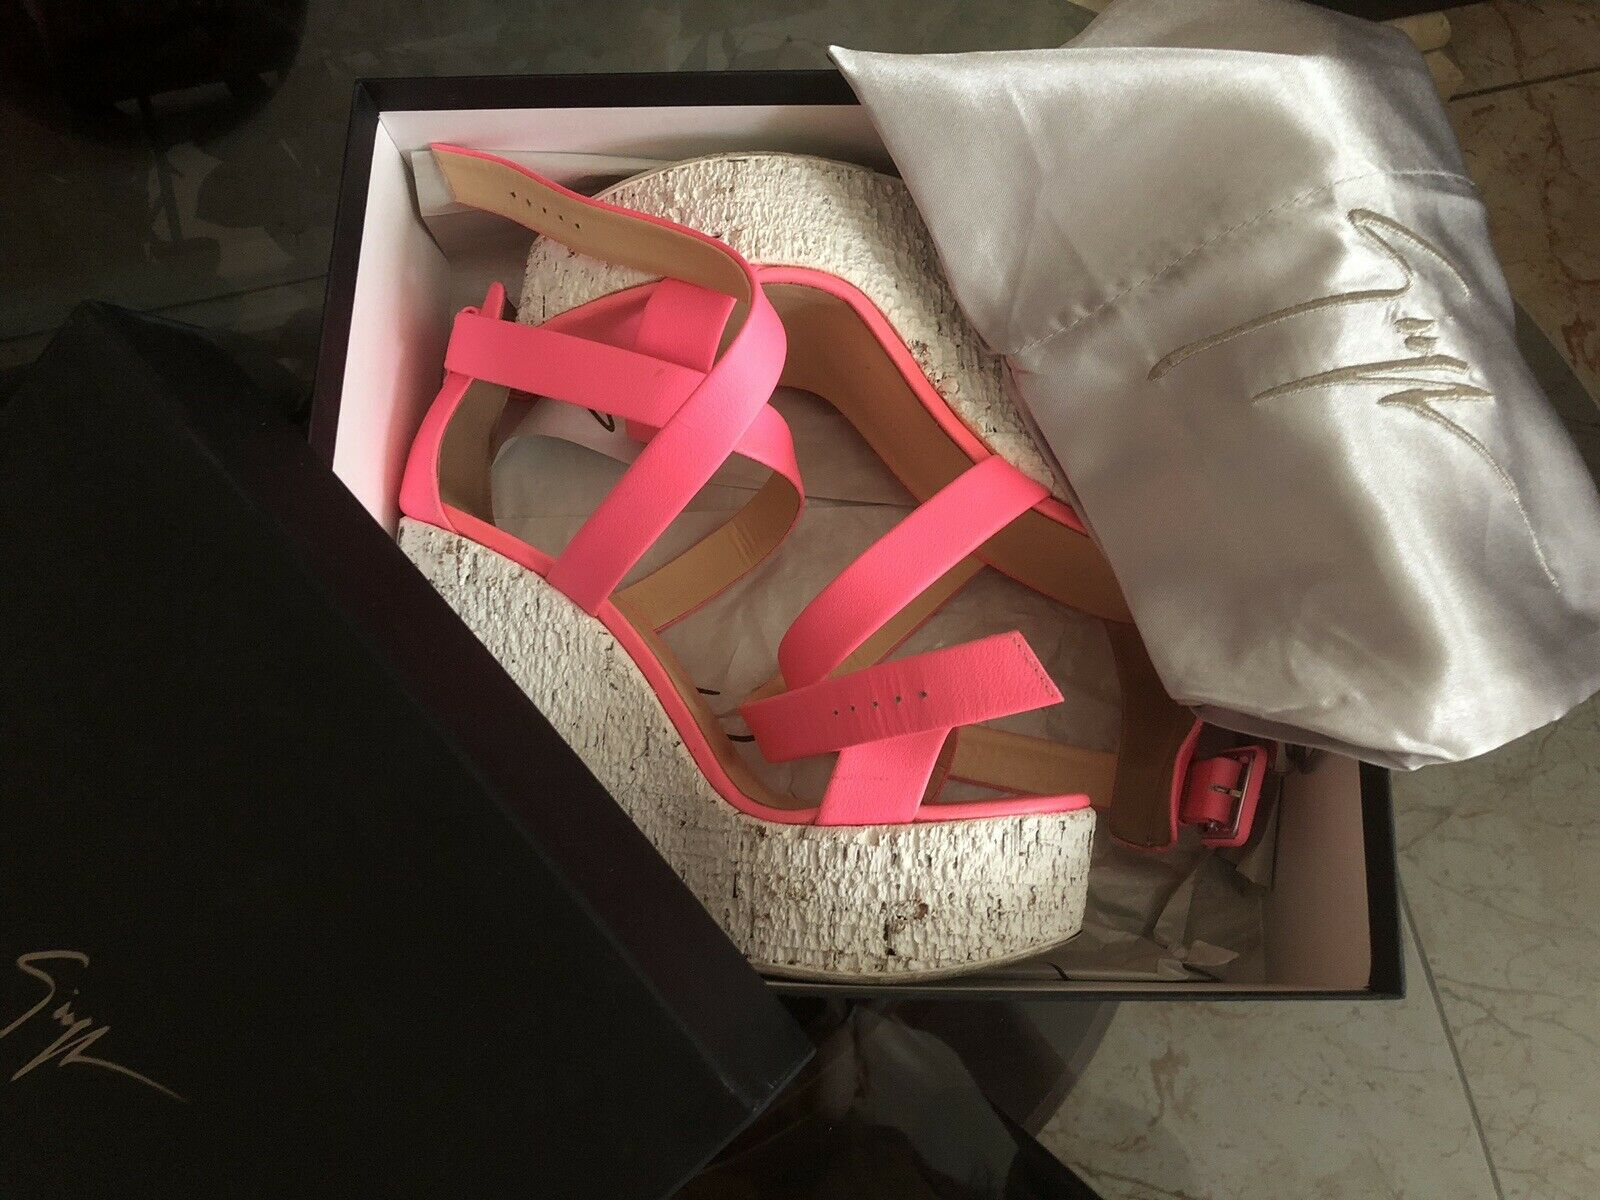 Giuseppe Zanotti Design Design Design Cuña Sandalias-rosado 38,5  centro comercial de moda